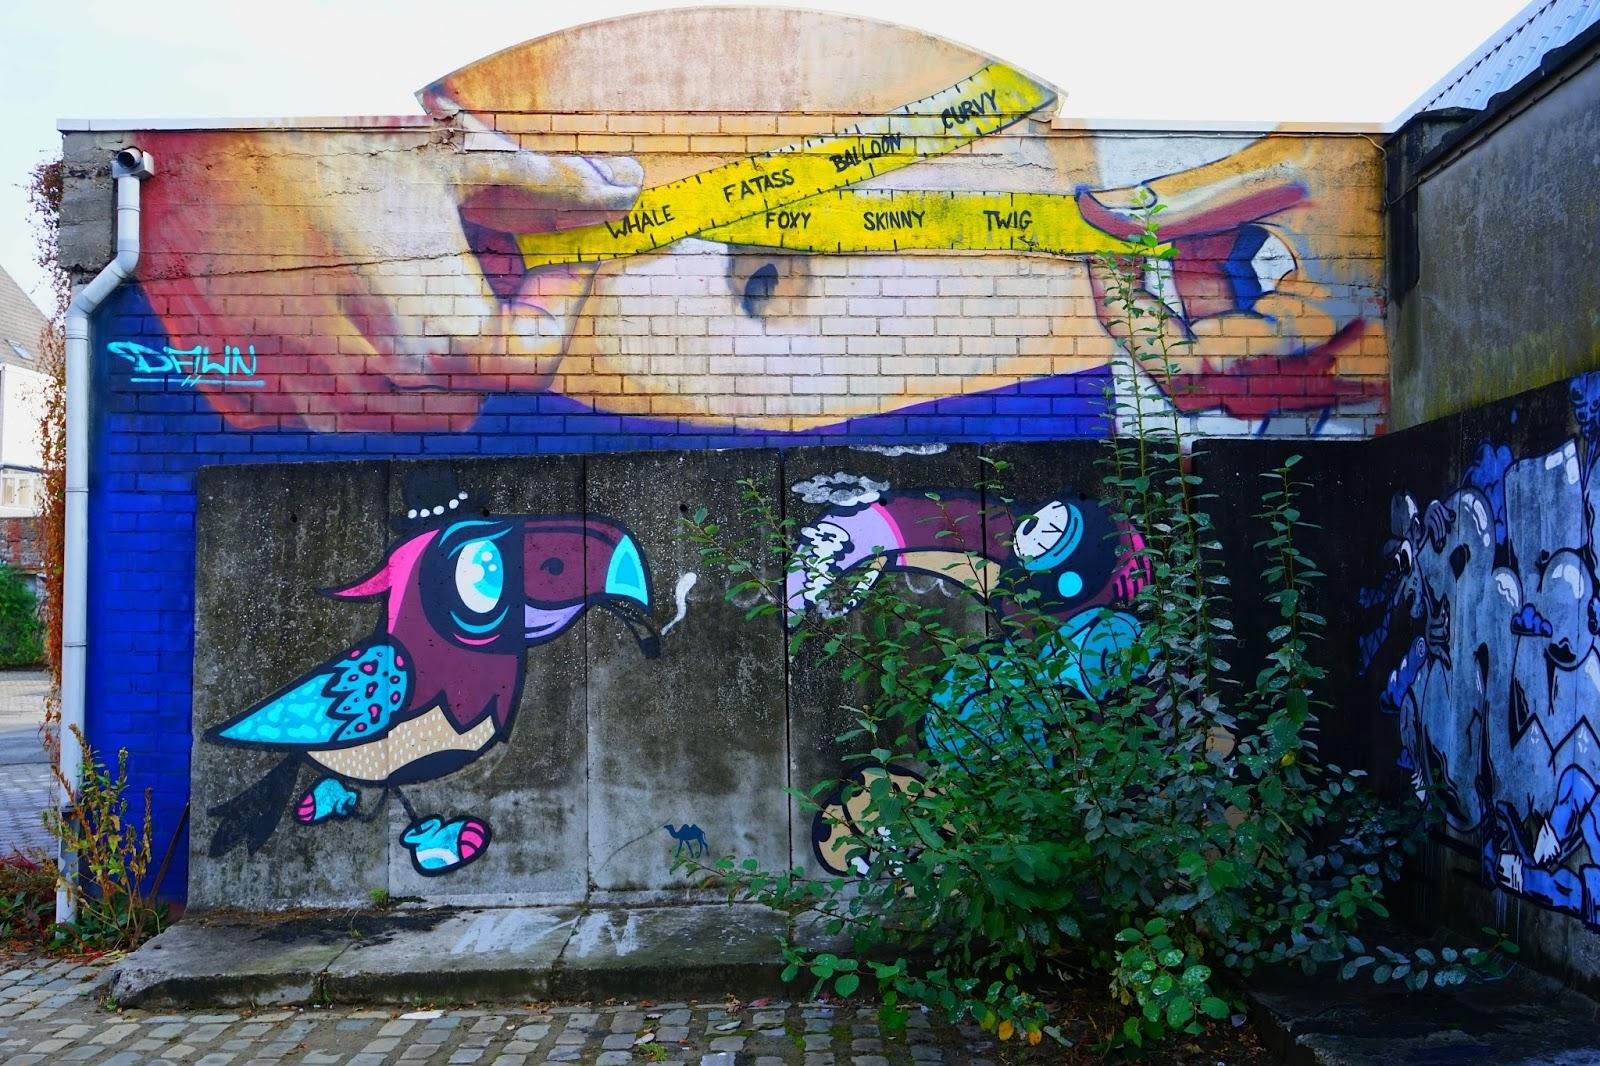 Le Chameau Bleu - Gent Glas - Street art 4